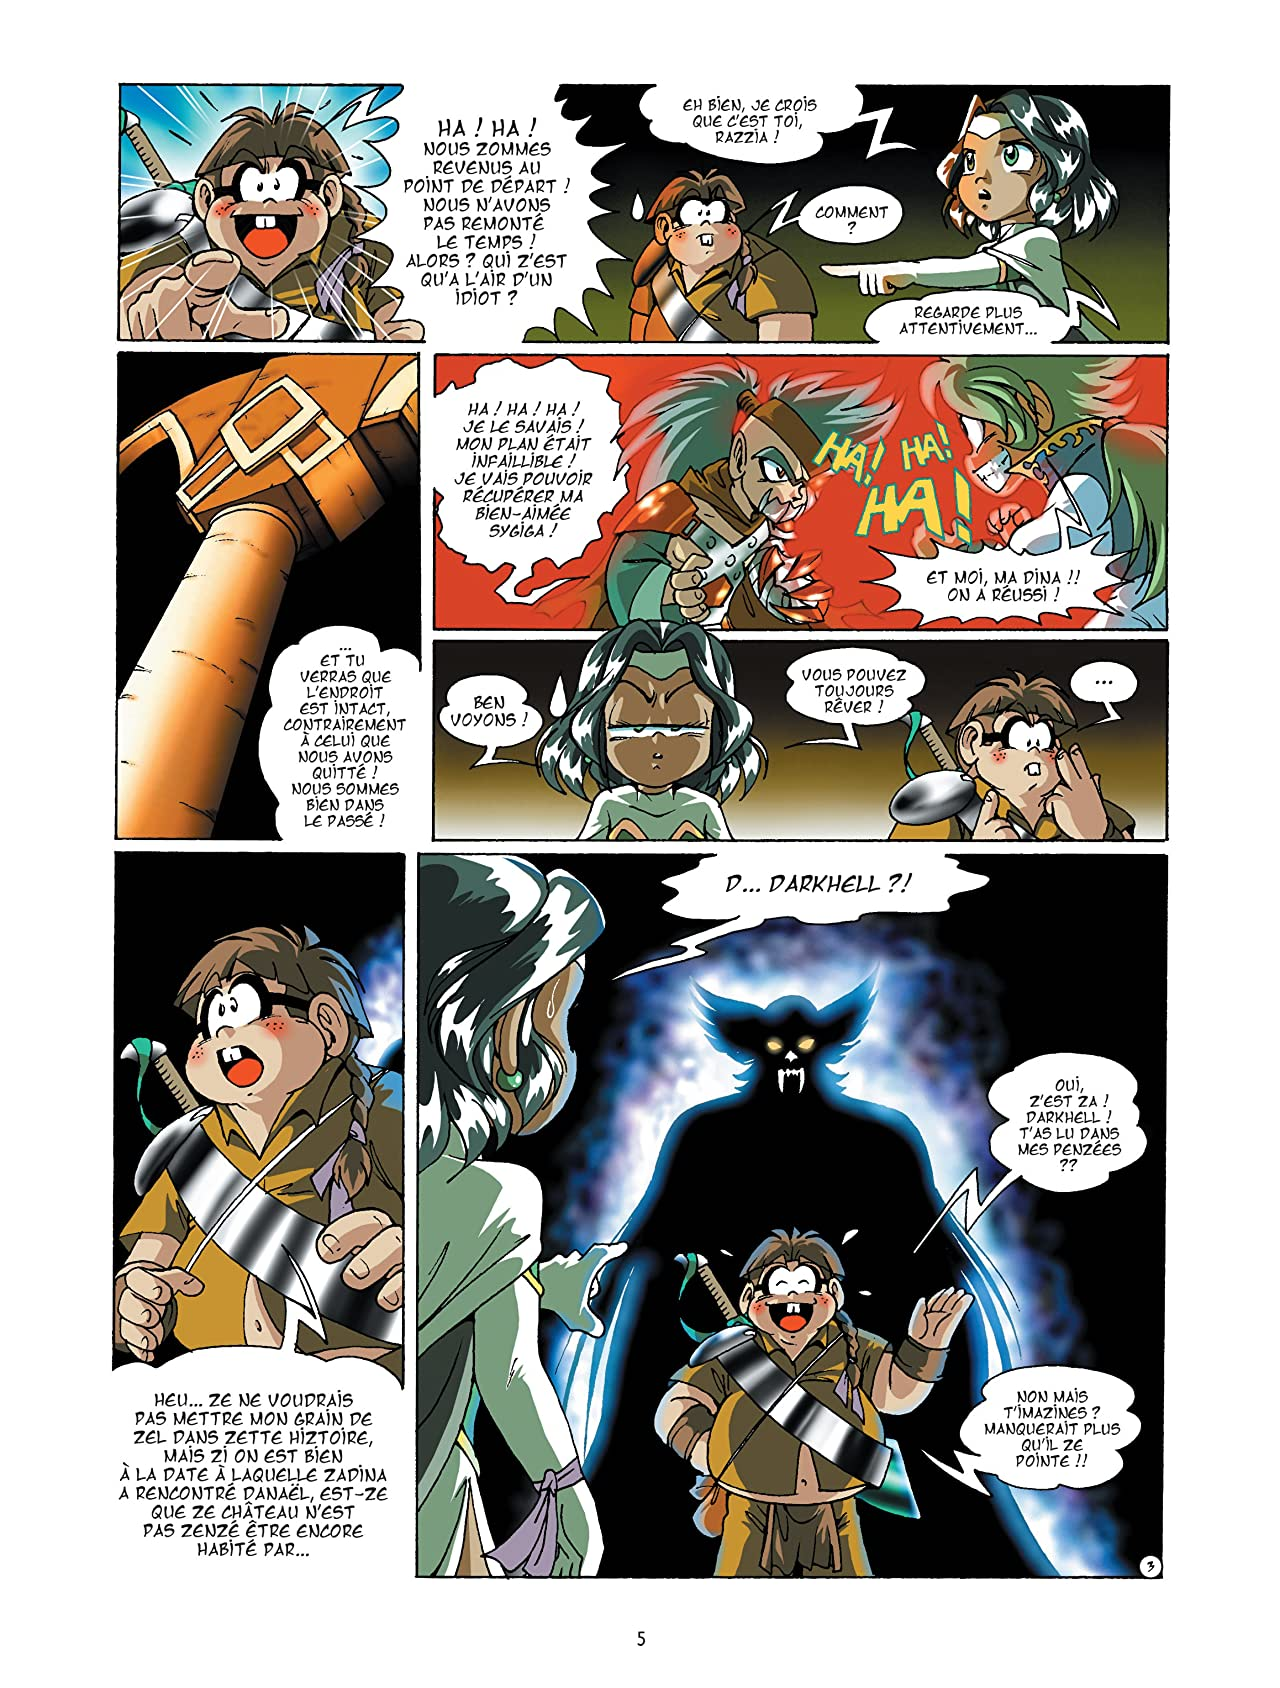 Les Légendaires Vol. 6: Main du futur